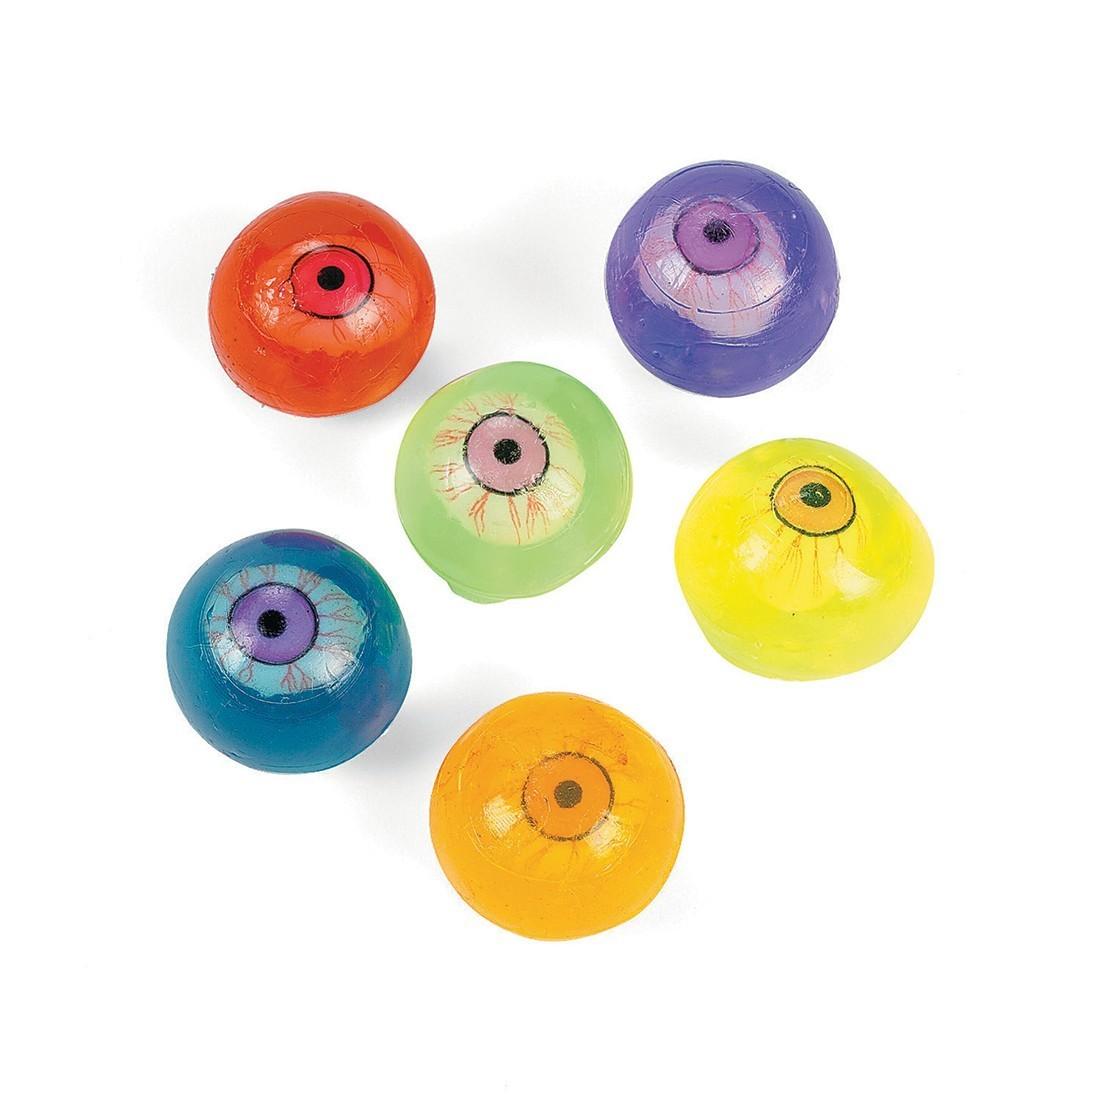 Sticky Eyeballs [image]